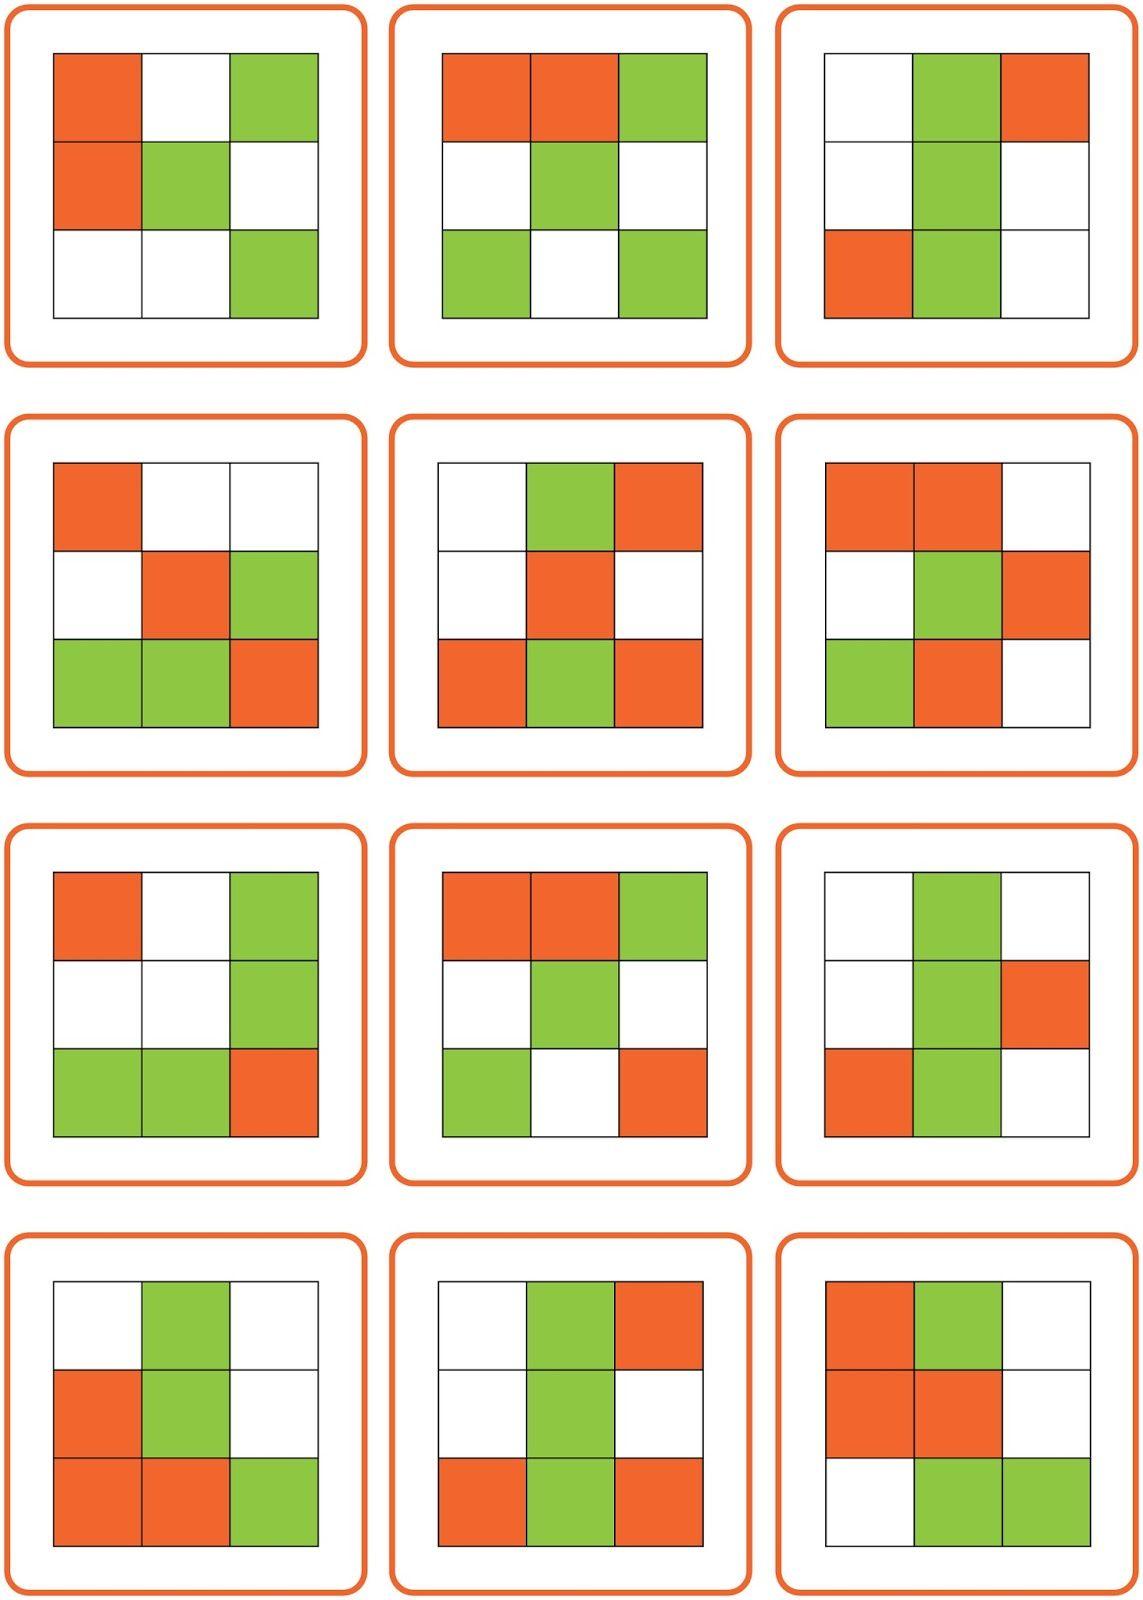 und noch eine Möglichkeit gespiegelte Muster zuzuordnen... LG Gille ...